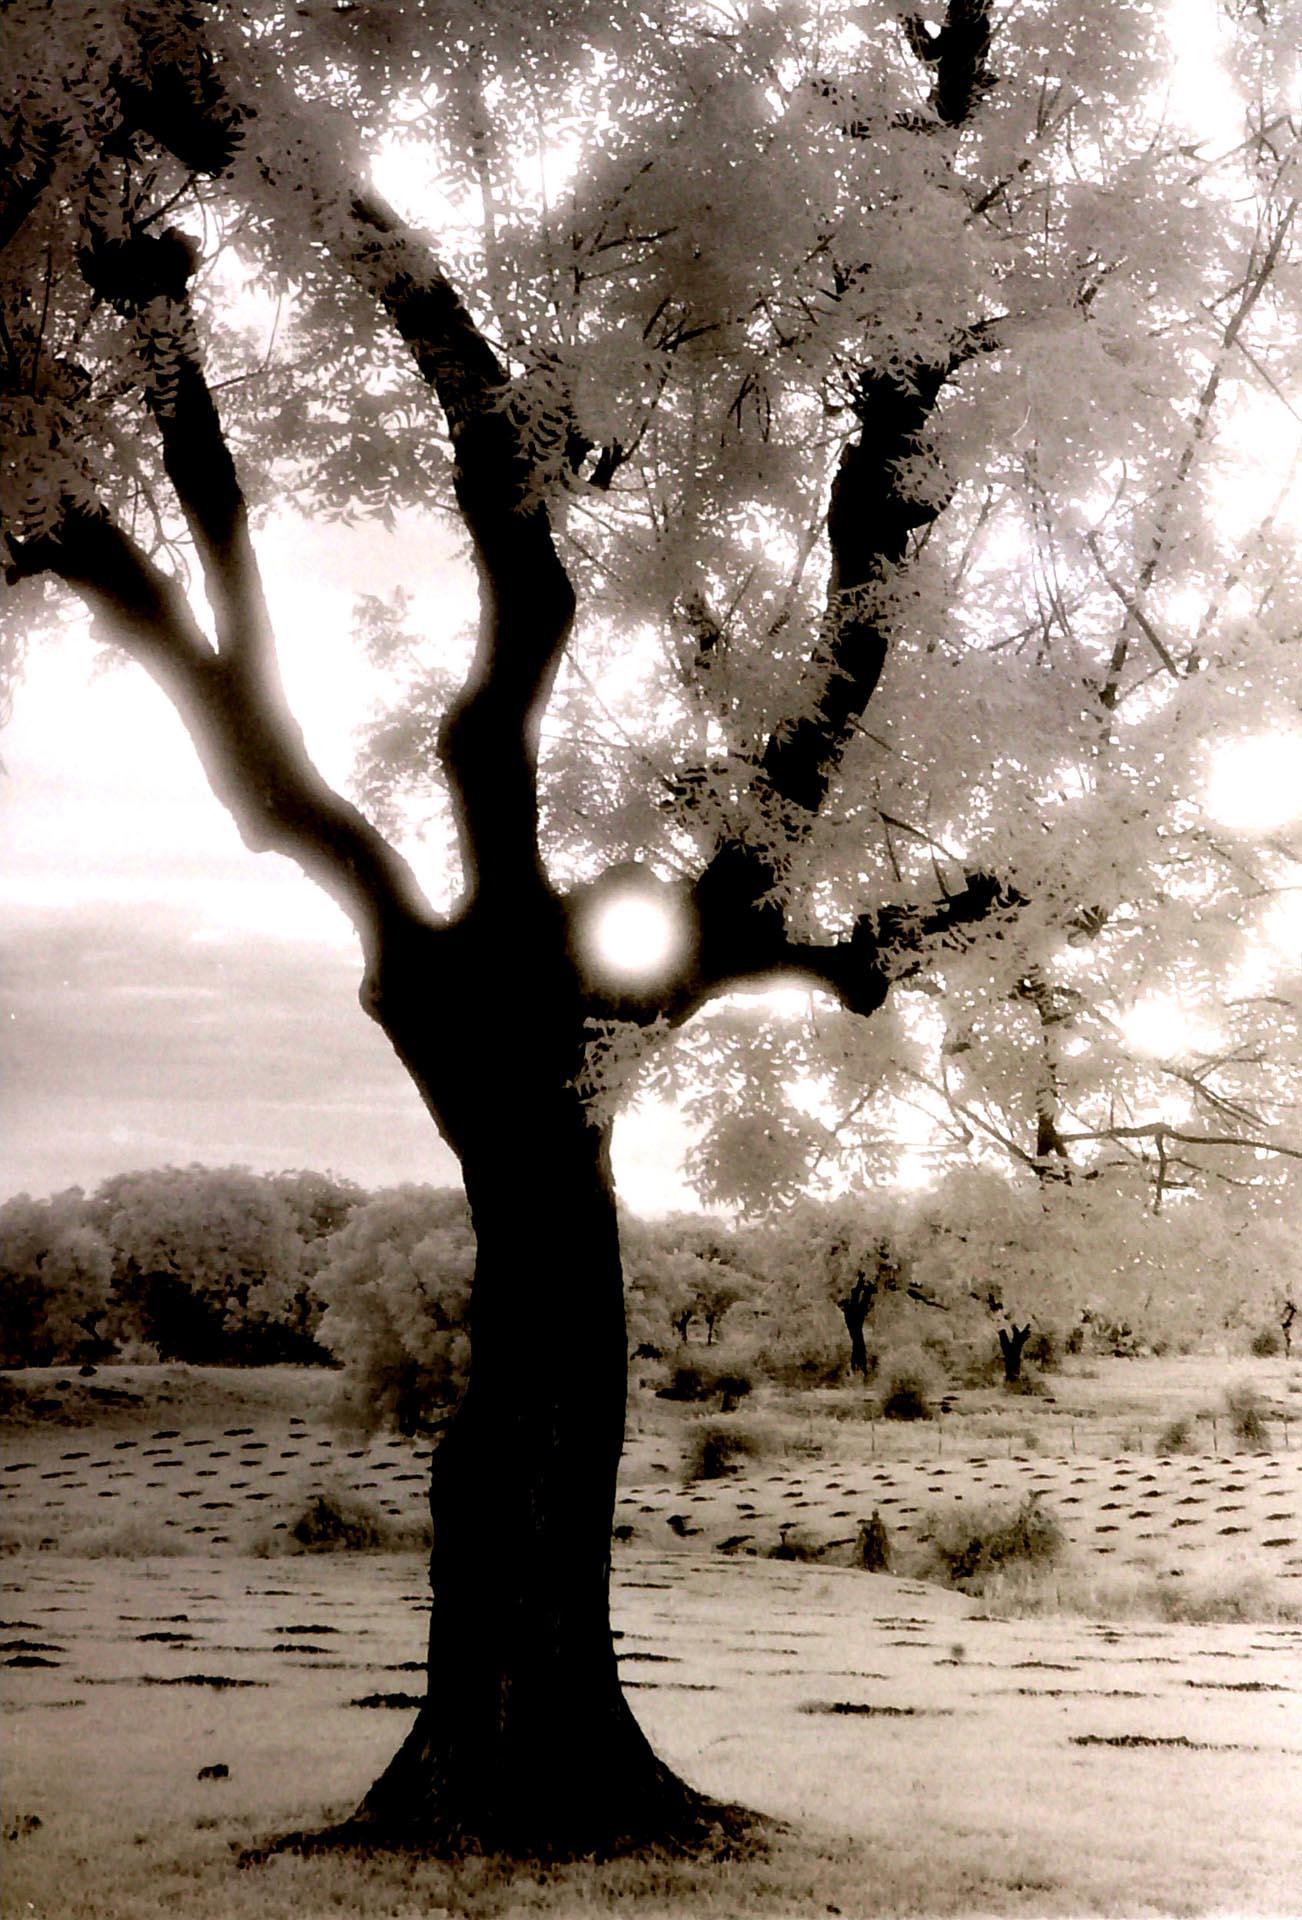 012-Tree-near-Mandawa,India